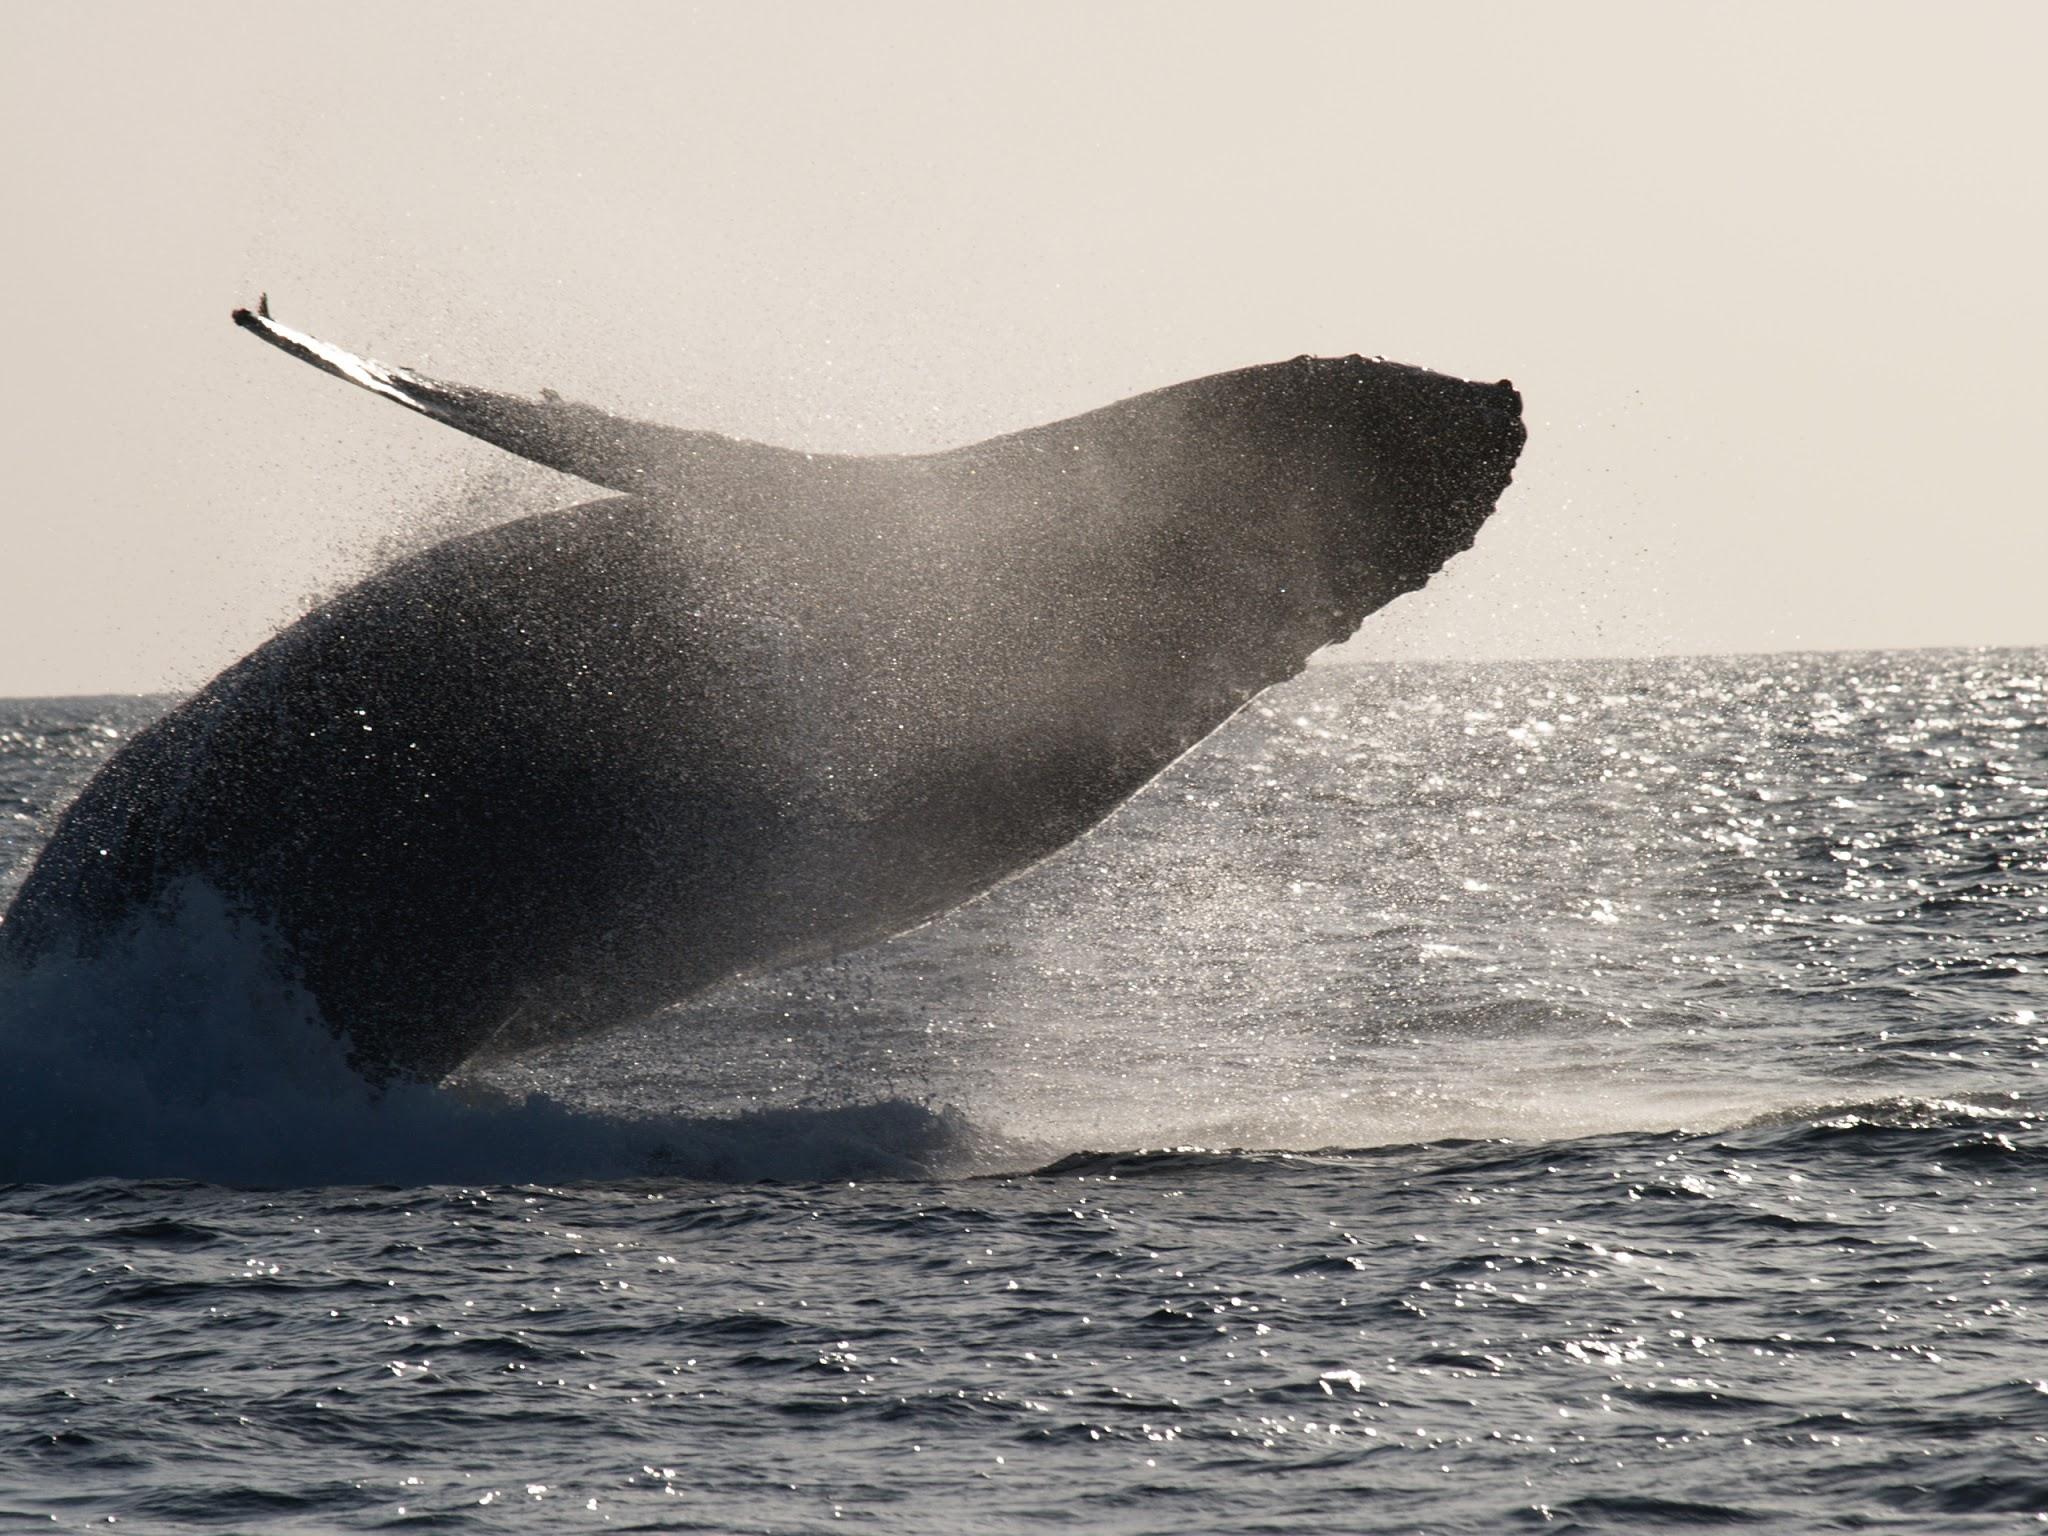 """""""生物写真撮影""""の趣味をこじらせて、ダイビングをはじめました〜クジラに誘われダイバーに。ついに奄美大島移住!〜"""